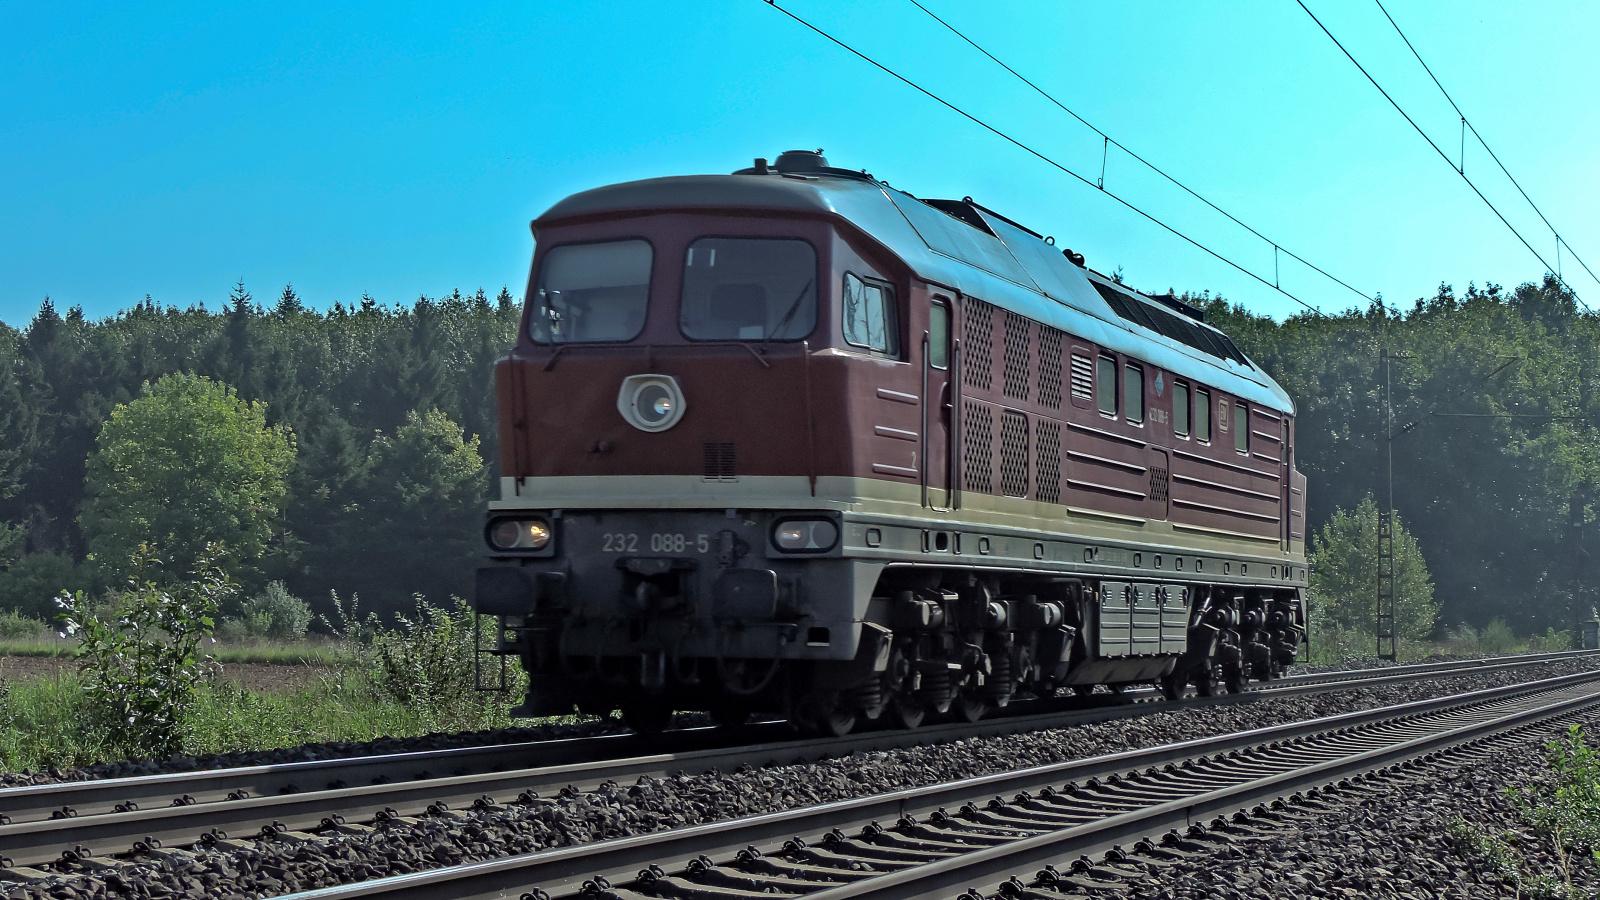 232 088-5 Solofahrt